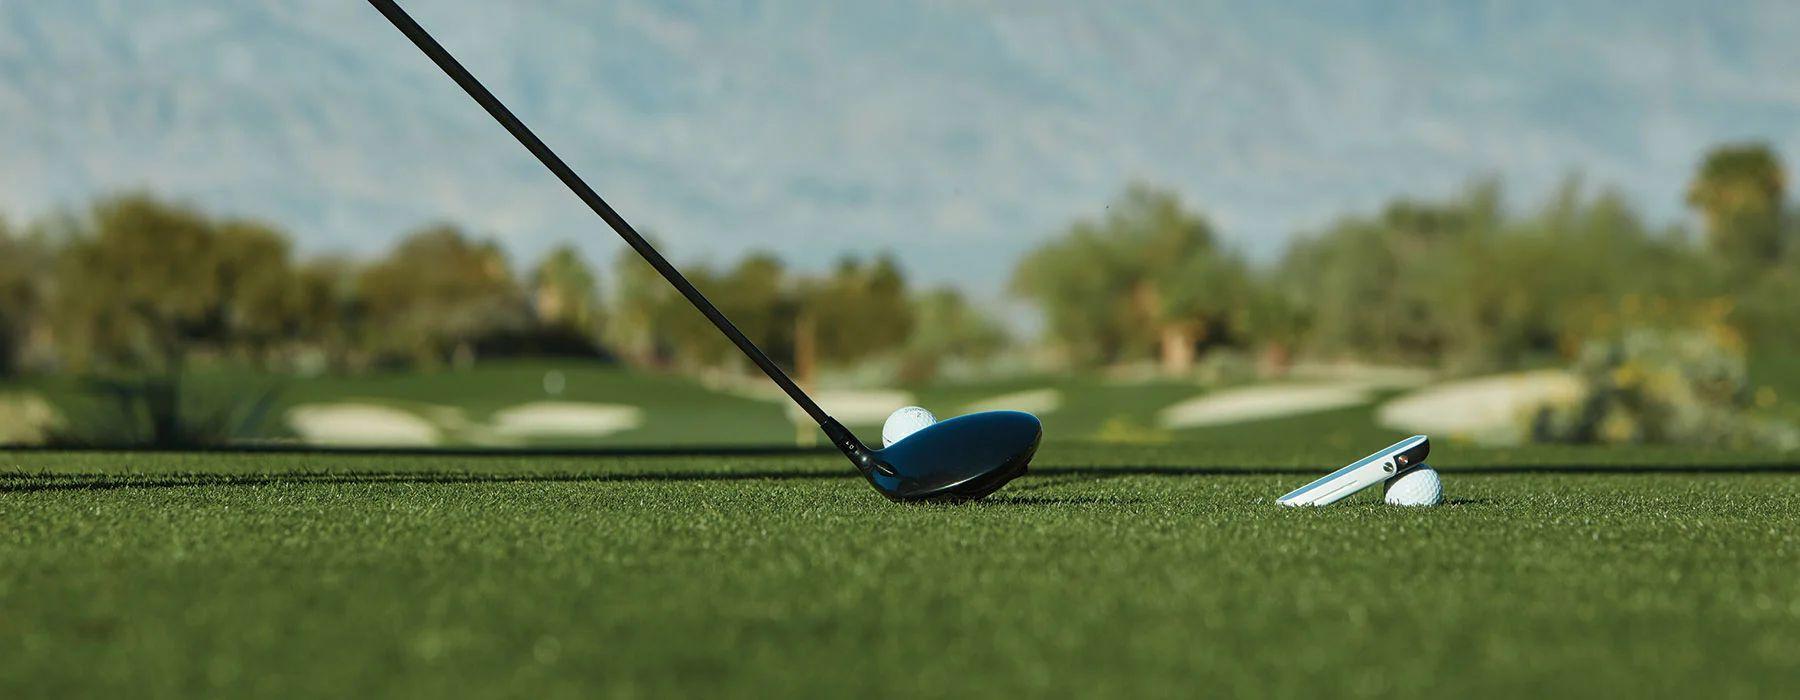 Мониторы и симуляторы для гольфа